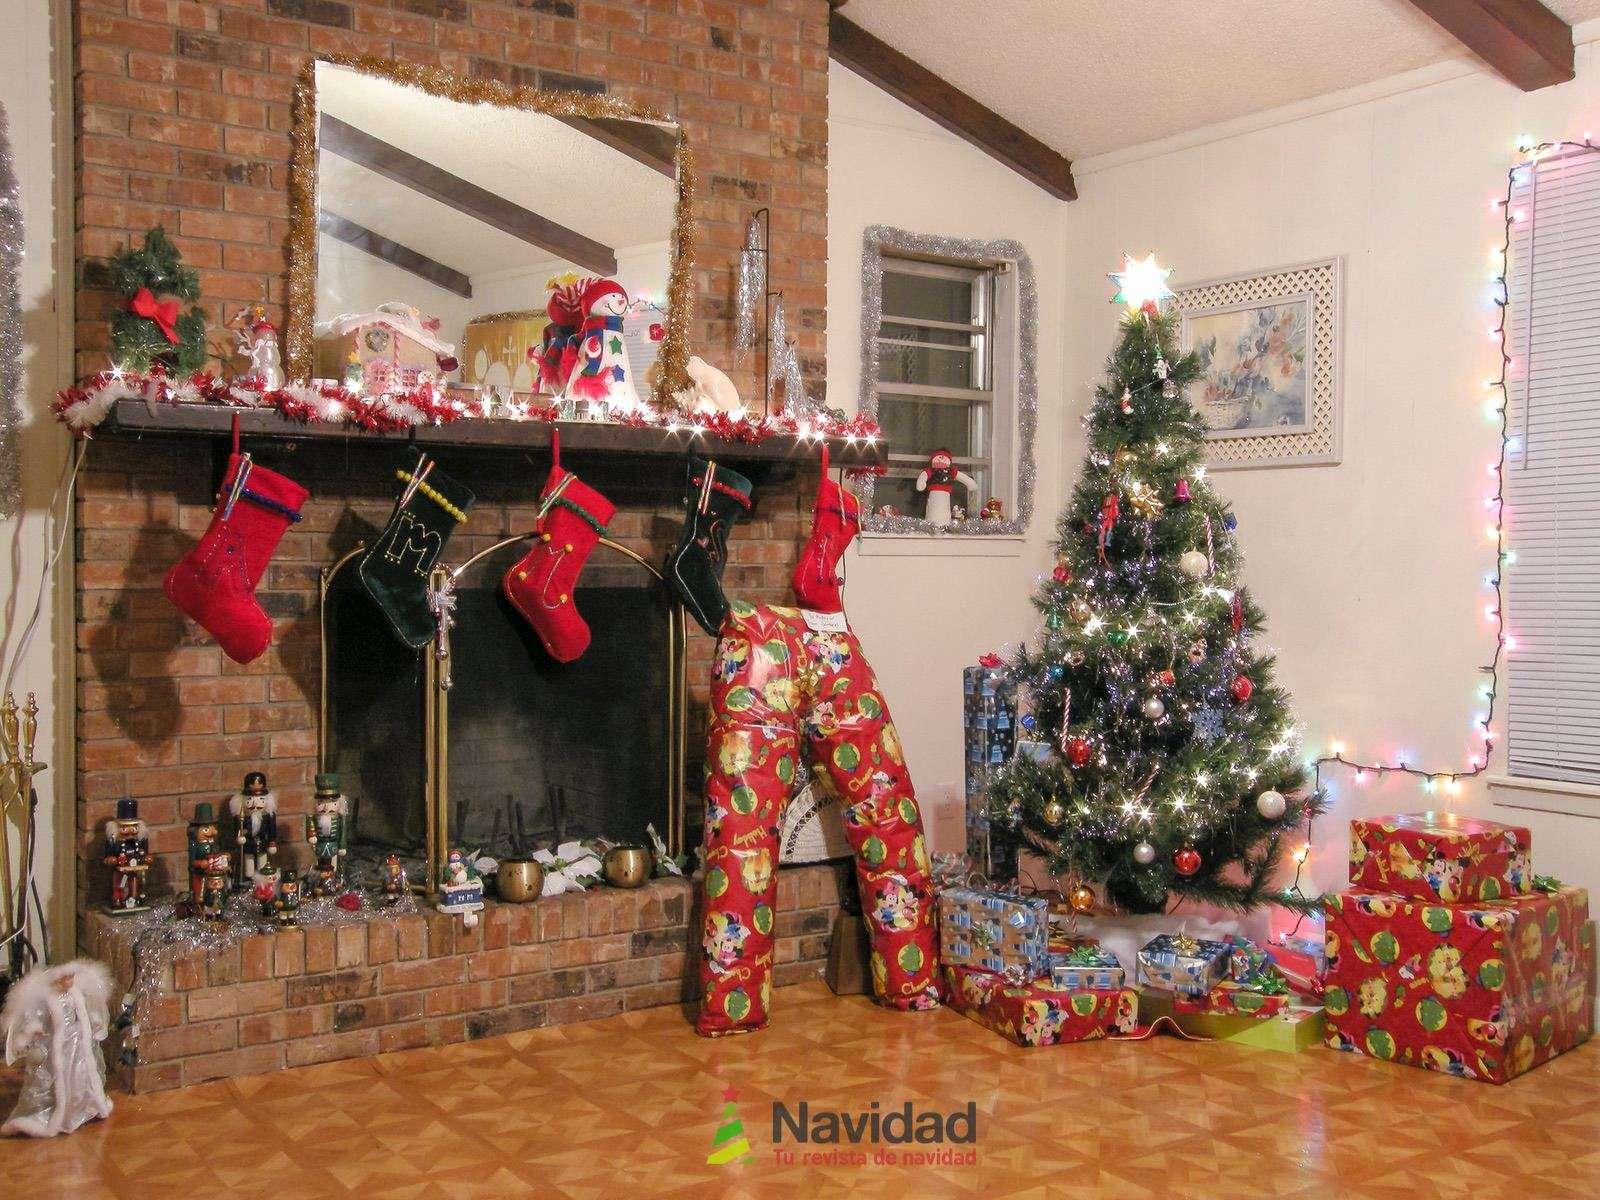 Chimeneas de Navidad para decorar y dar calor en fiestas 56